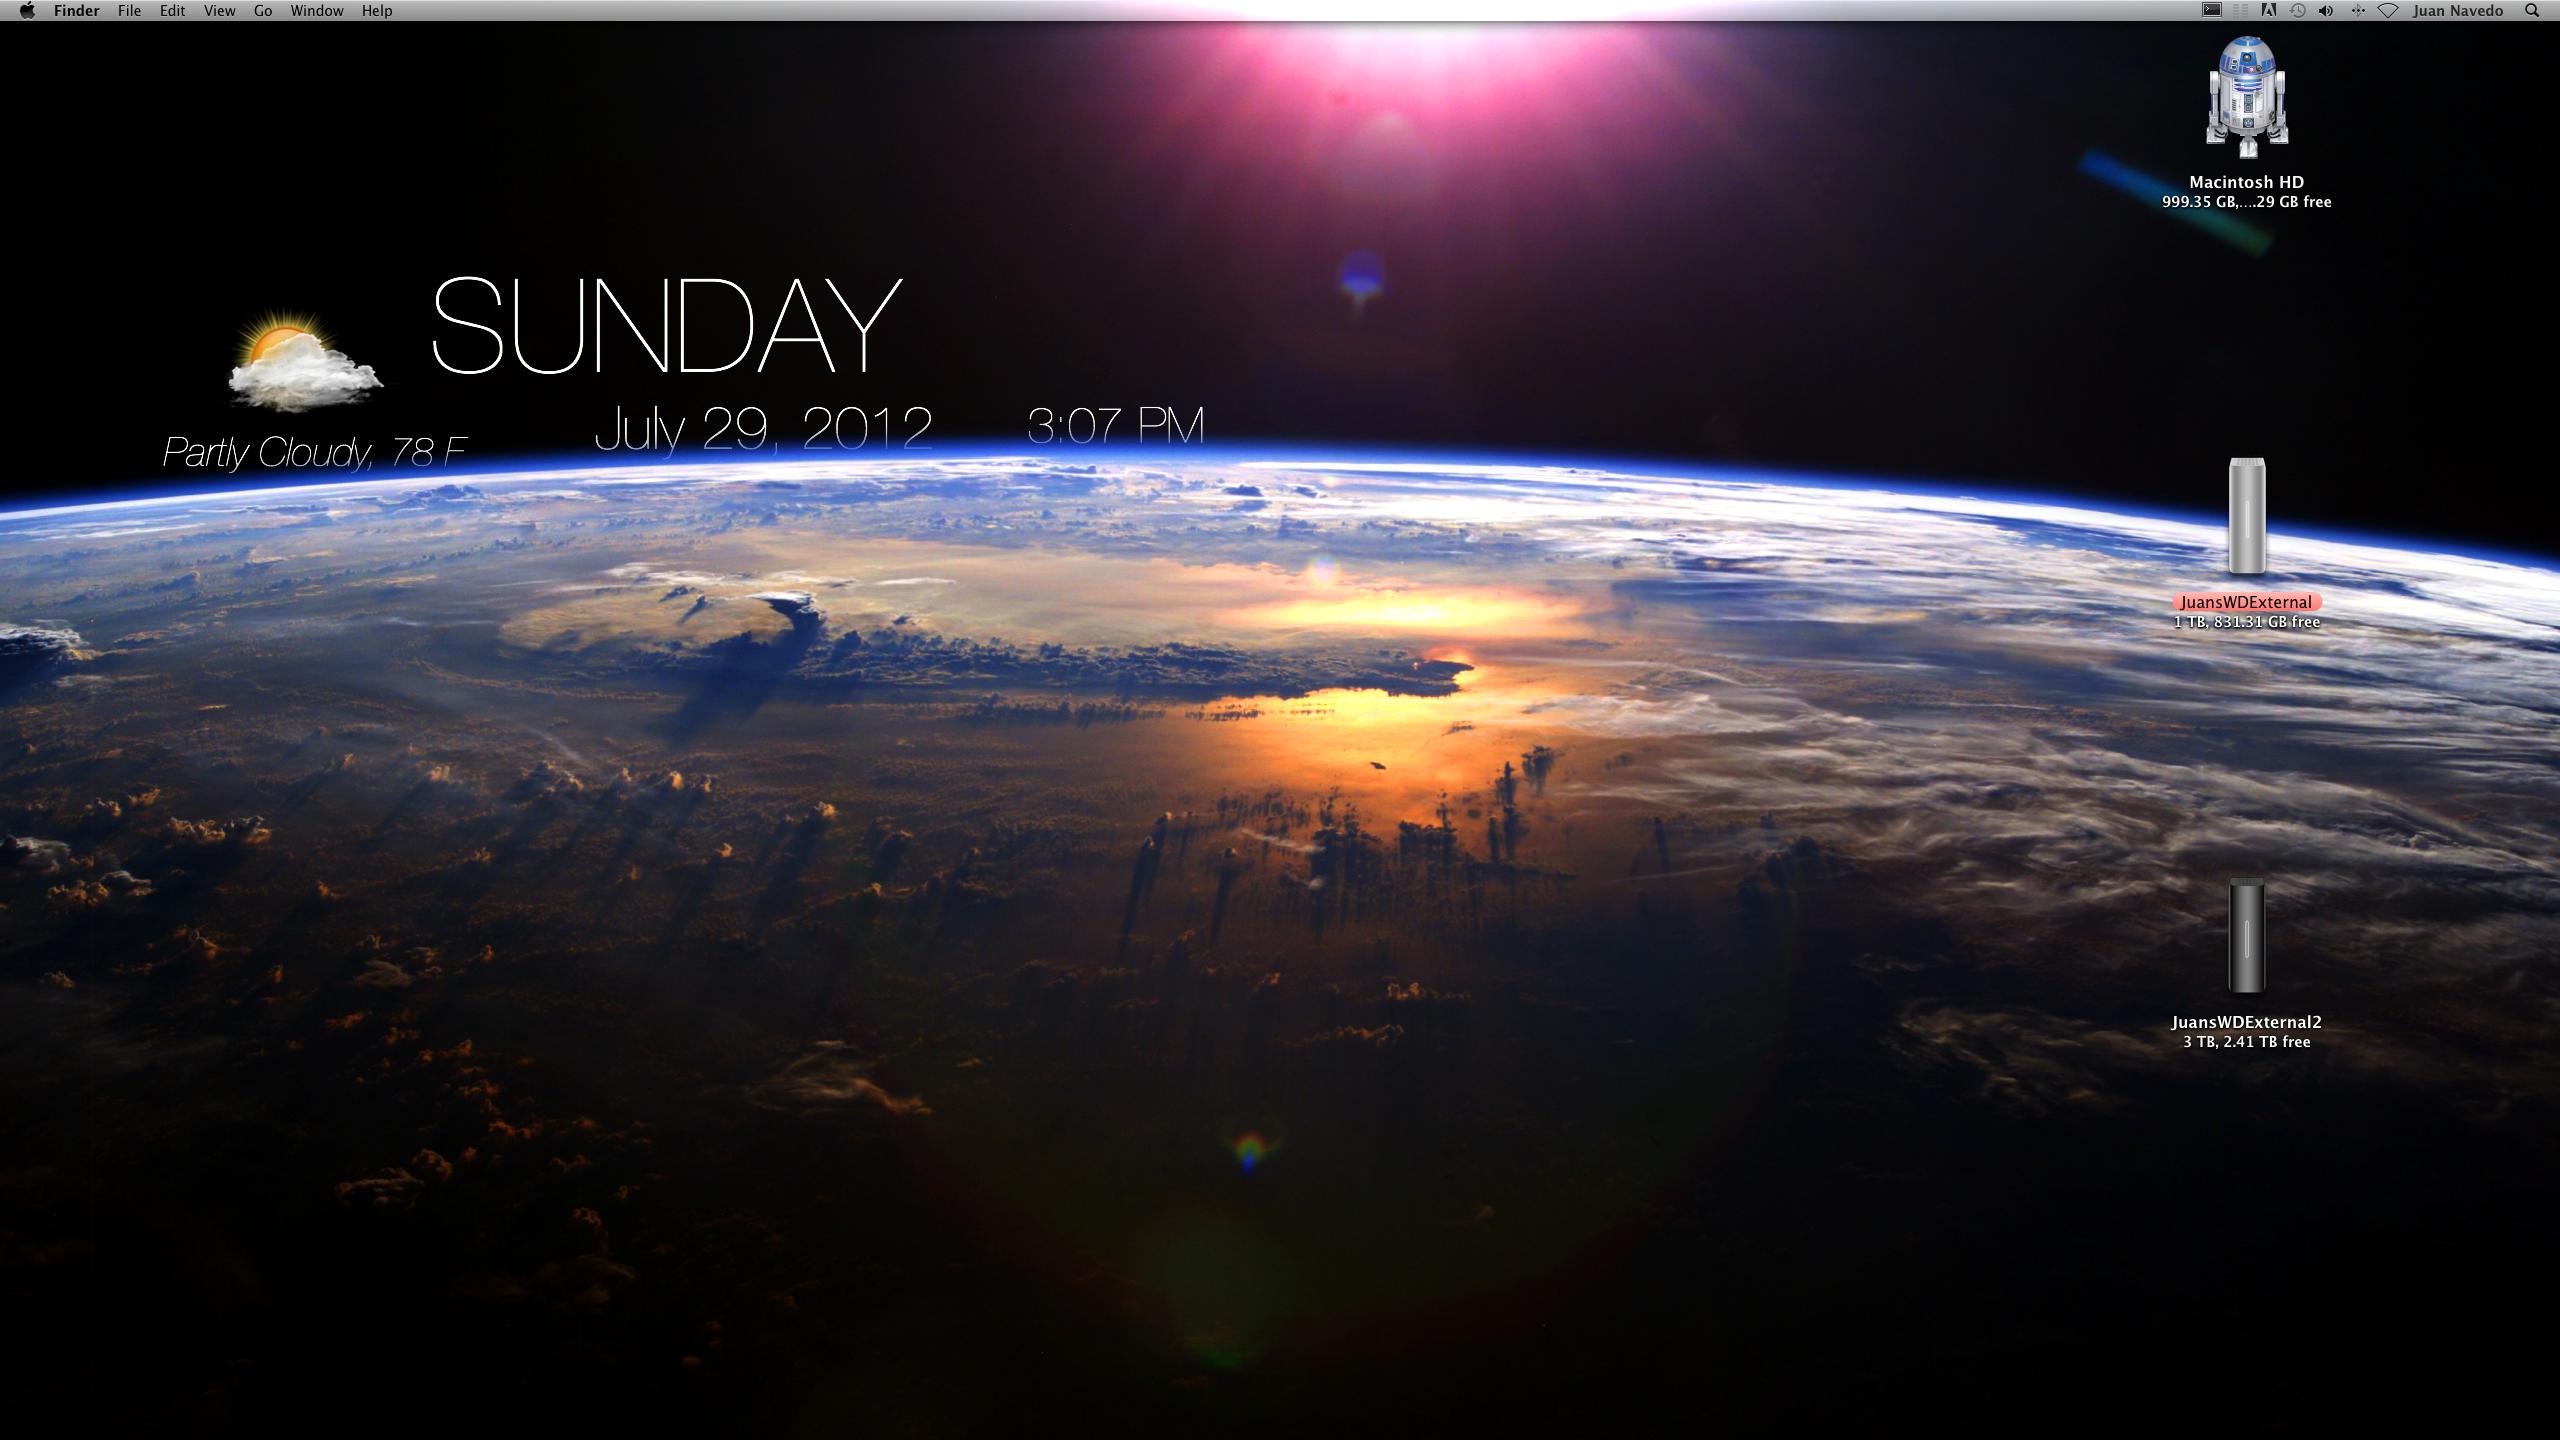 live wallpaper for desktop   wwwwallpapers in hdcom 2560x1440